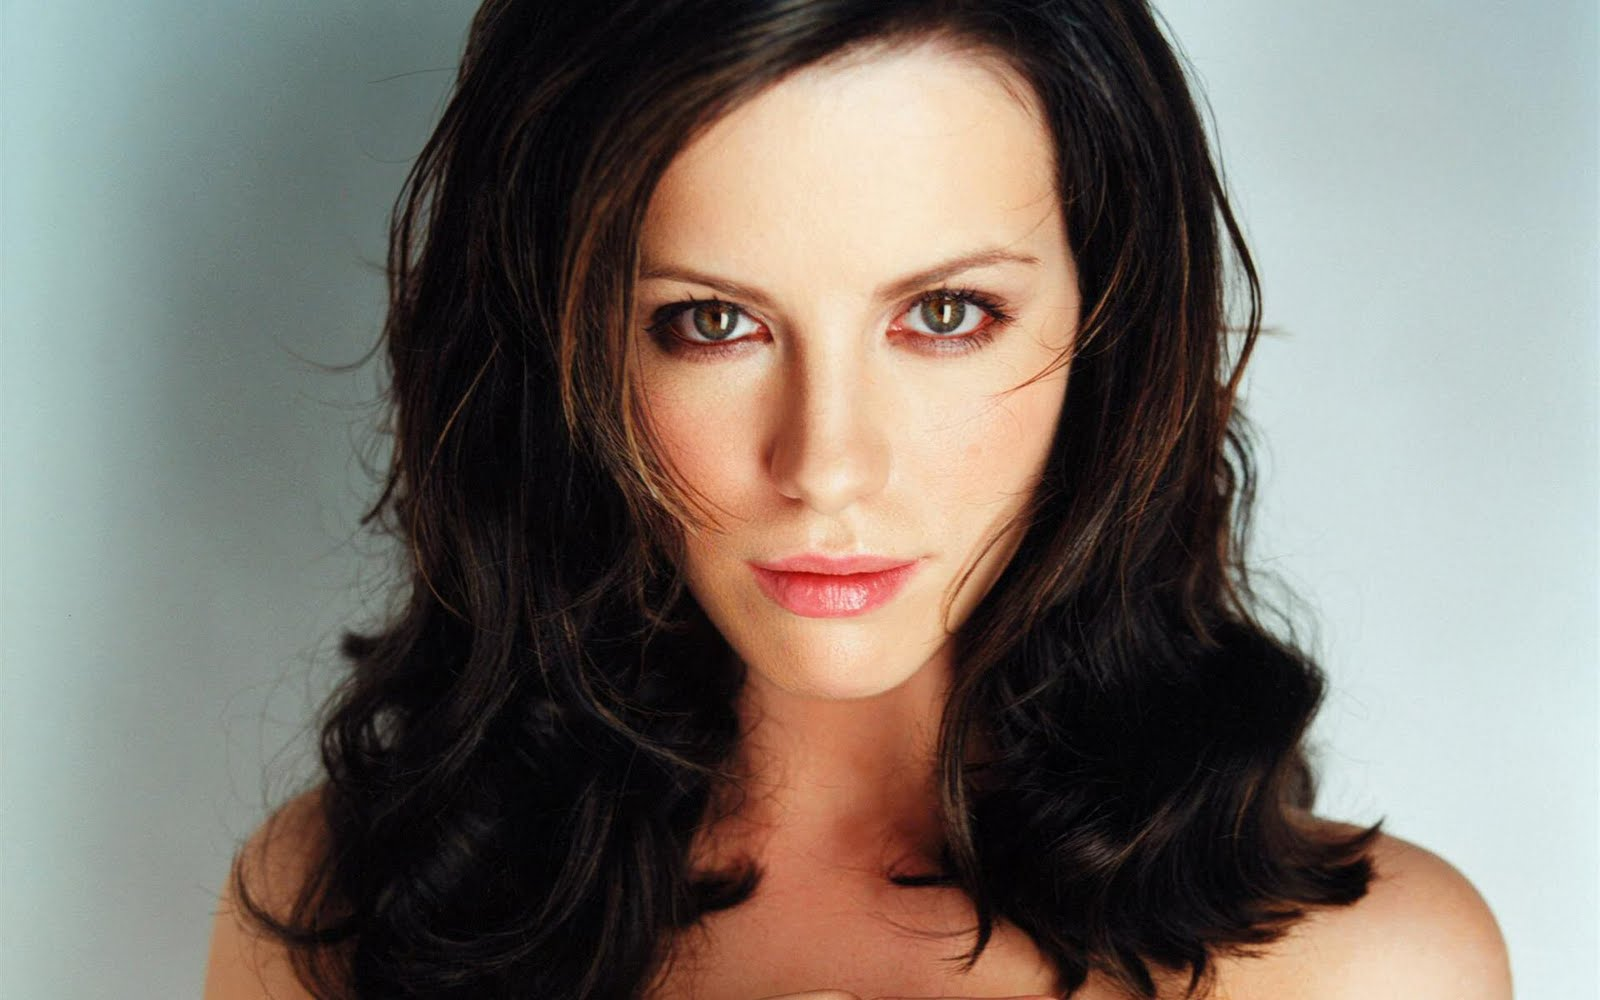 http://3.bp.blogspot.com/-BGtgJ85HFig/TlUq0uqSLtI/AAAAAAAAACg/APXeE-ew2kc/s1600/Kate-Beckinsale-21.jpg